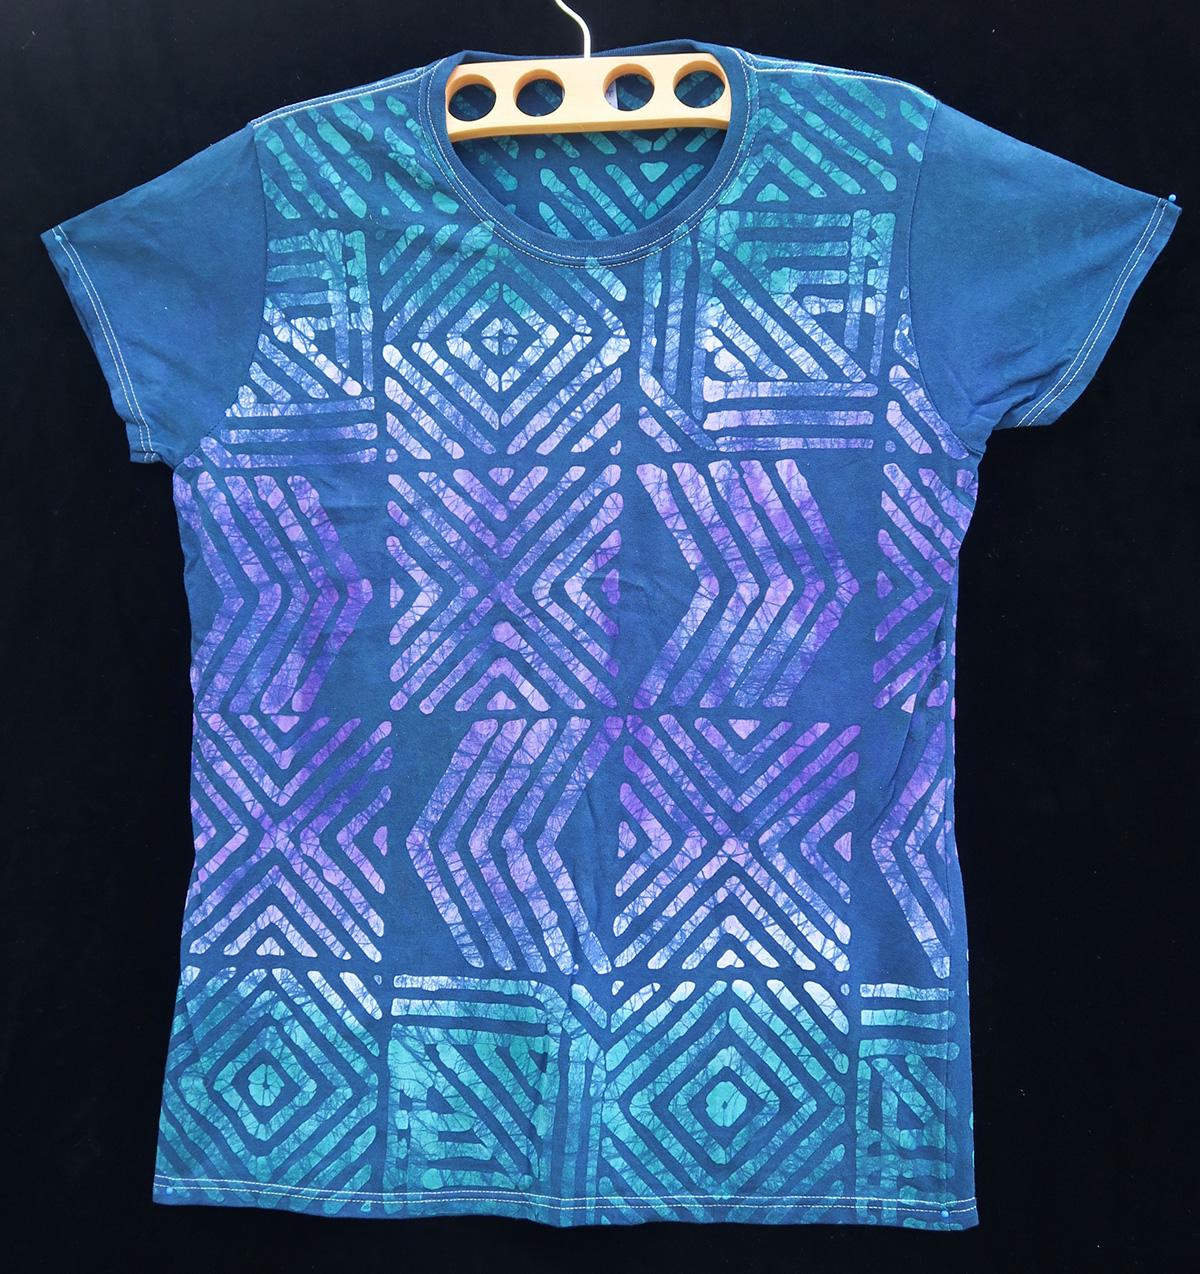 Batik T-shirt By Gasali Adeyemo - Large